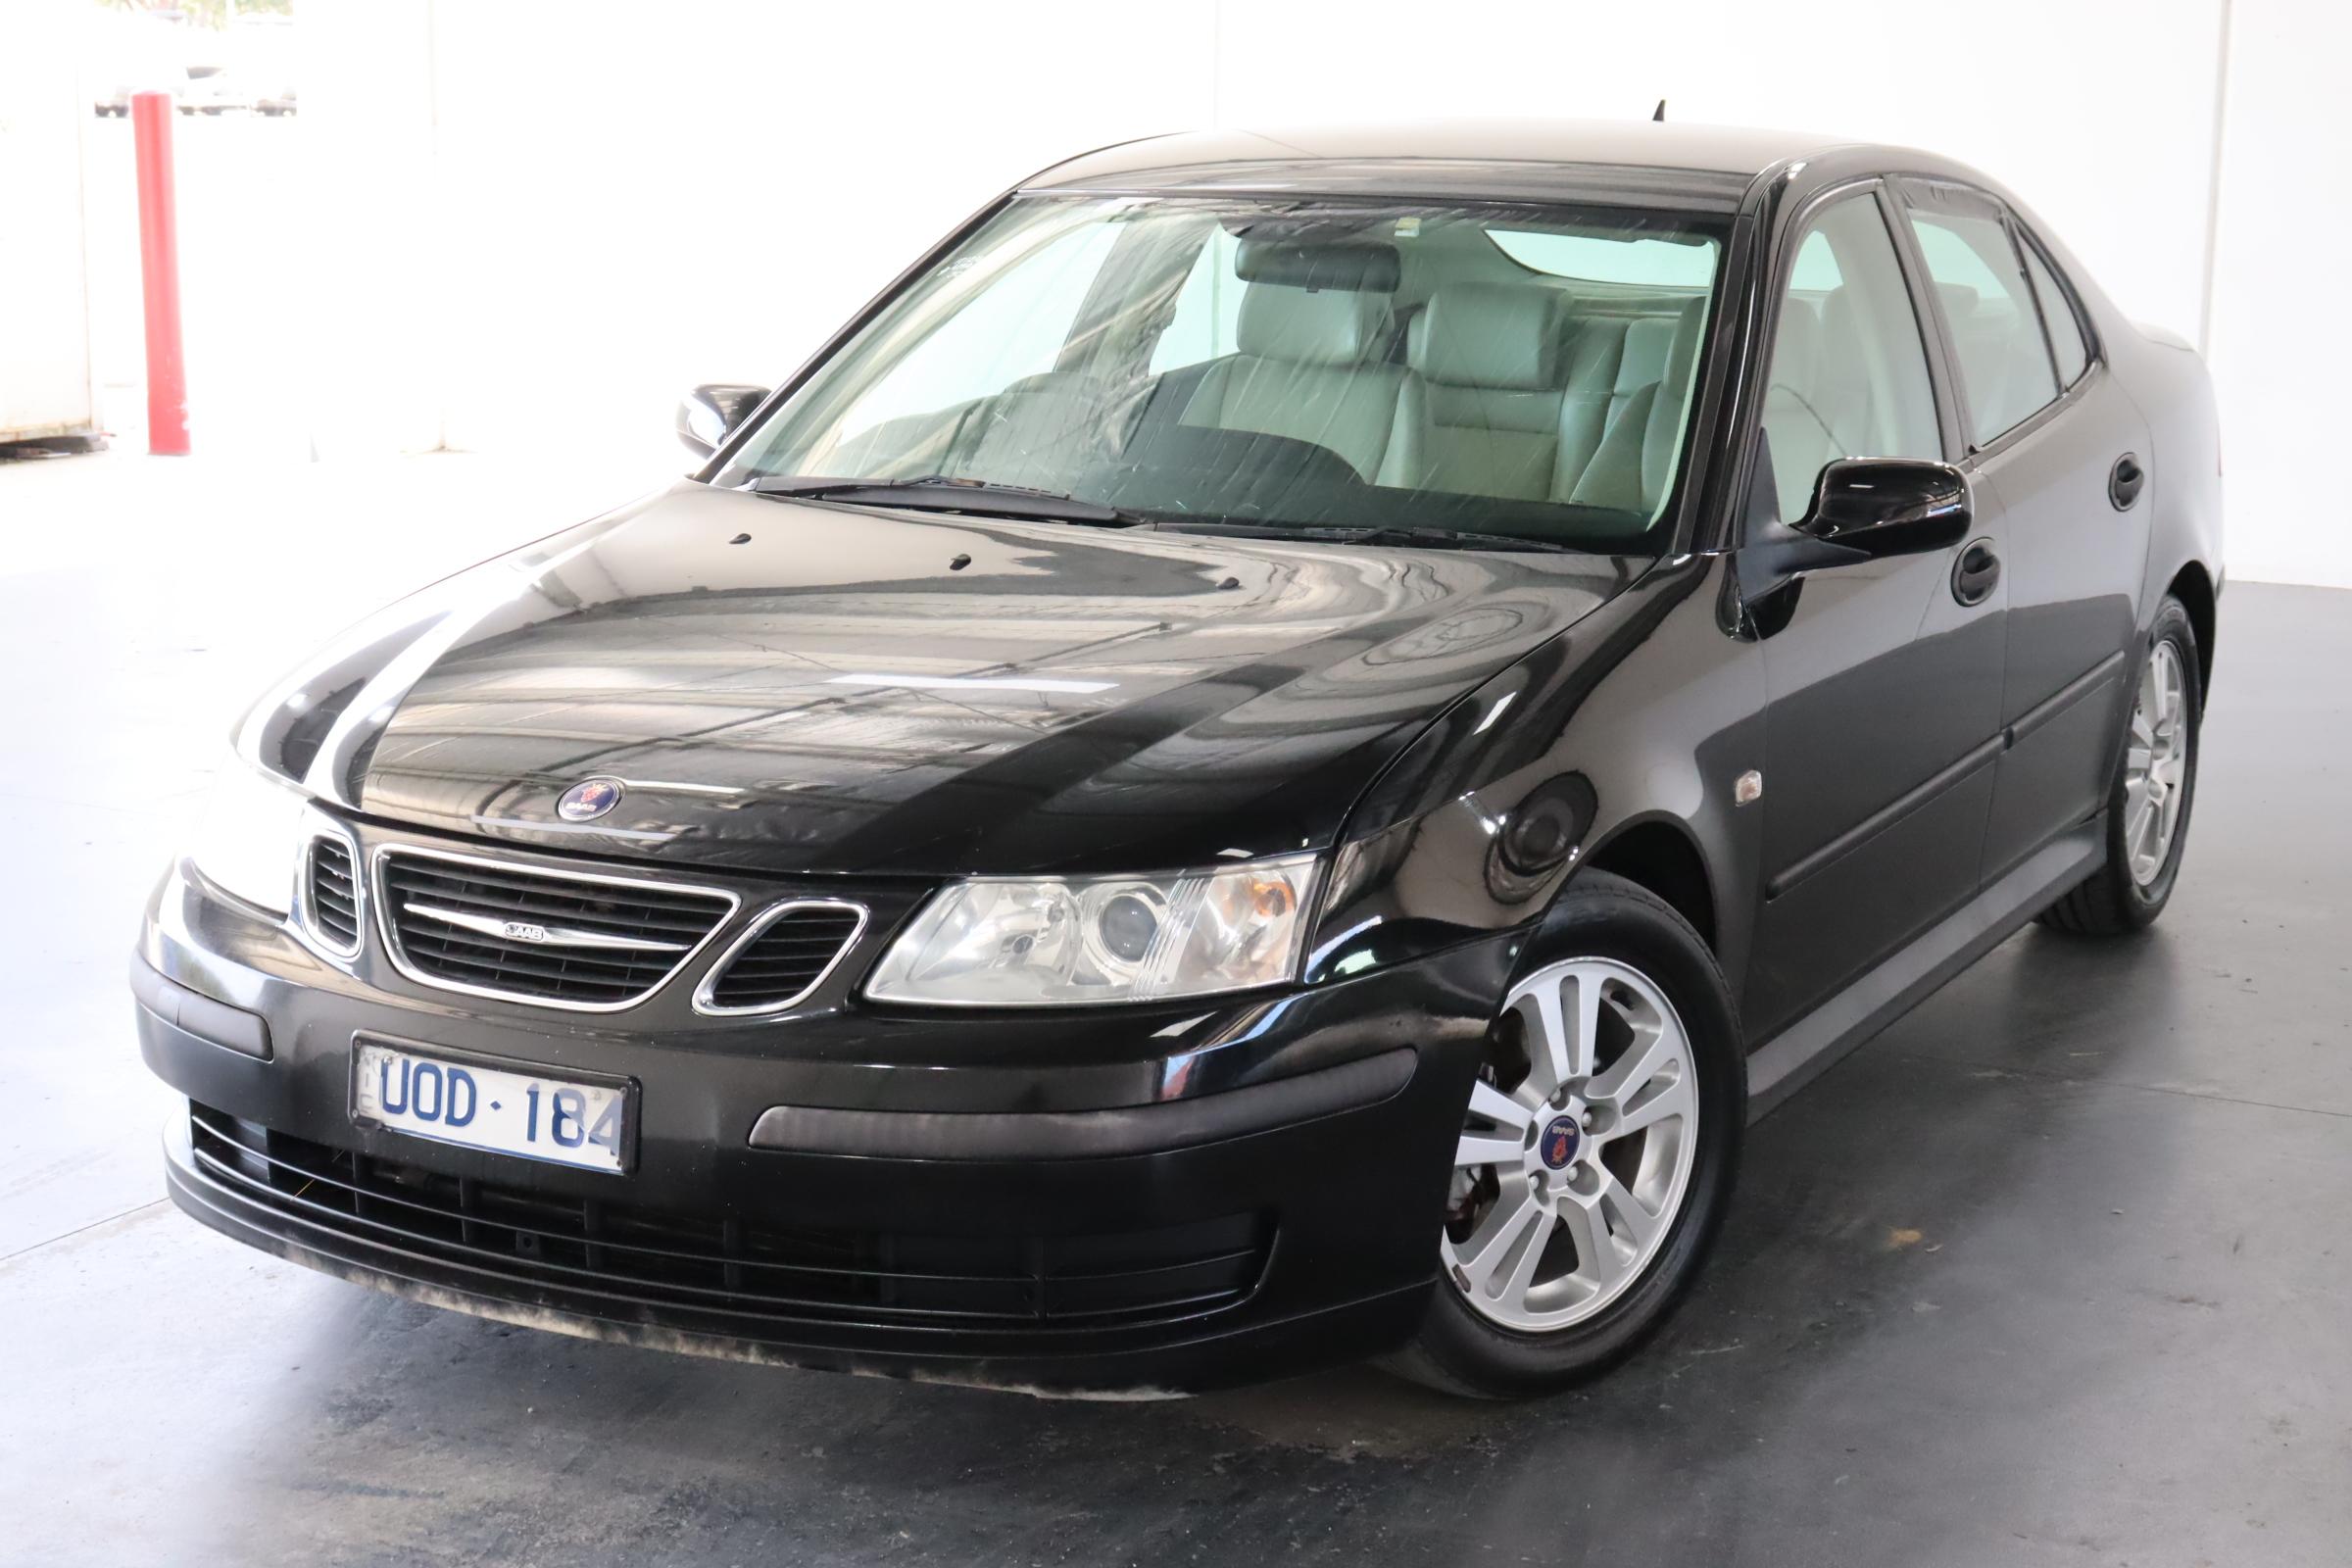 2006 Saab 93 Manual Sedan